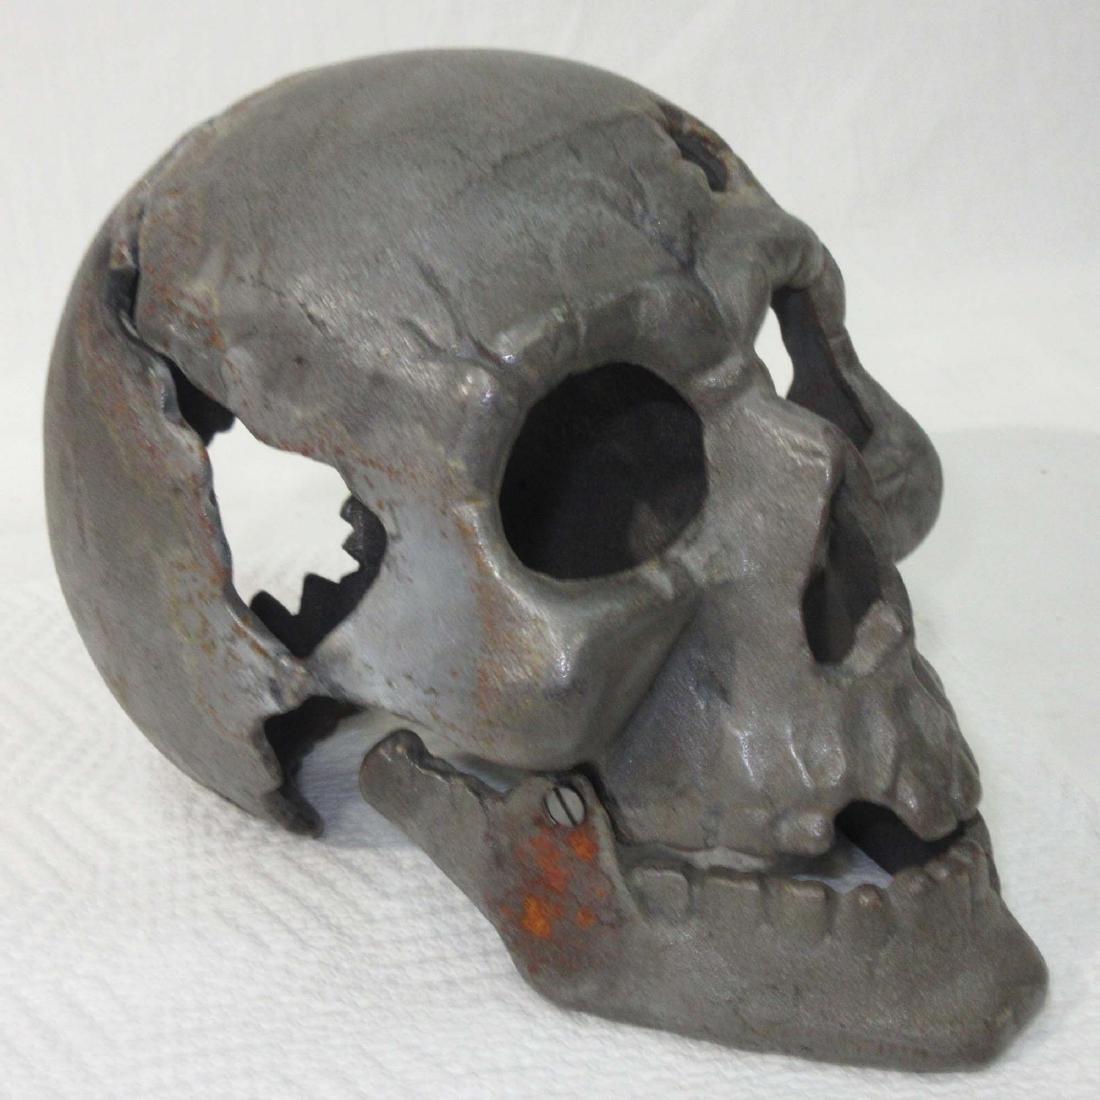 Cast Iron Human Skull